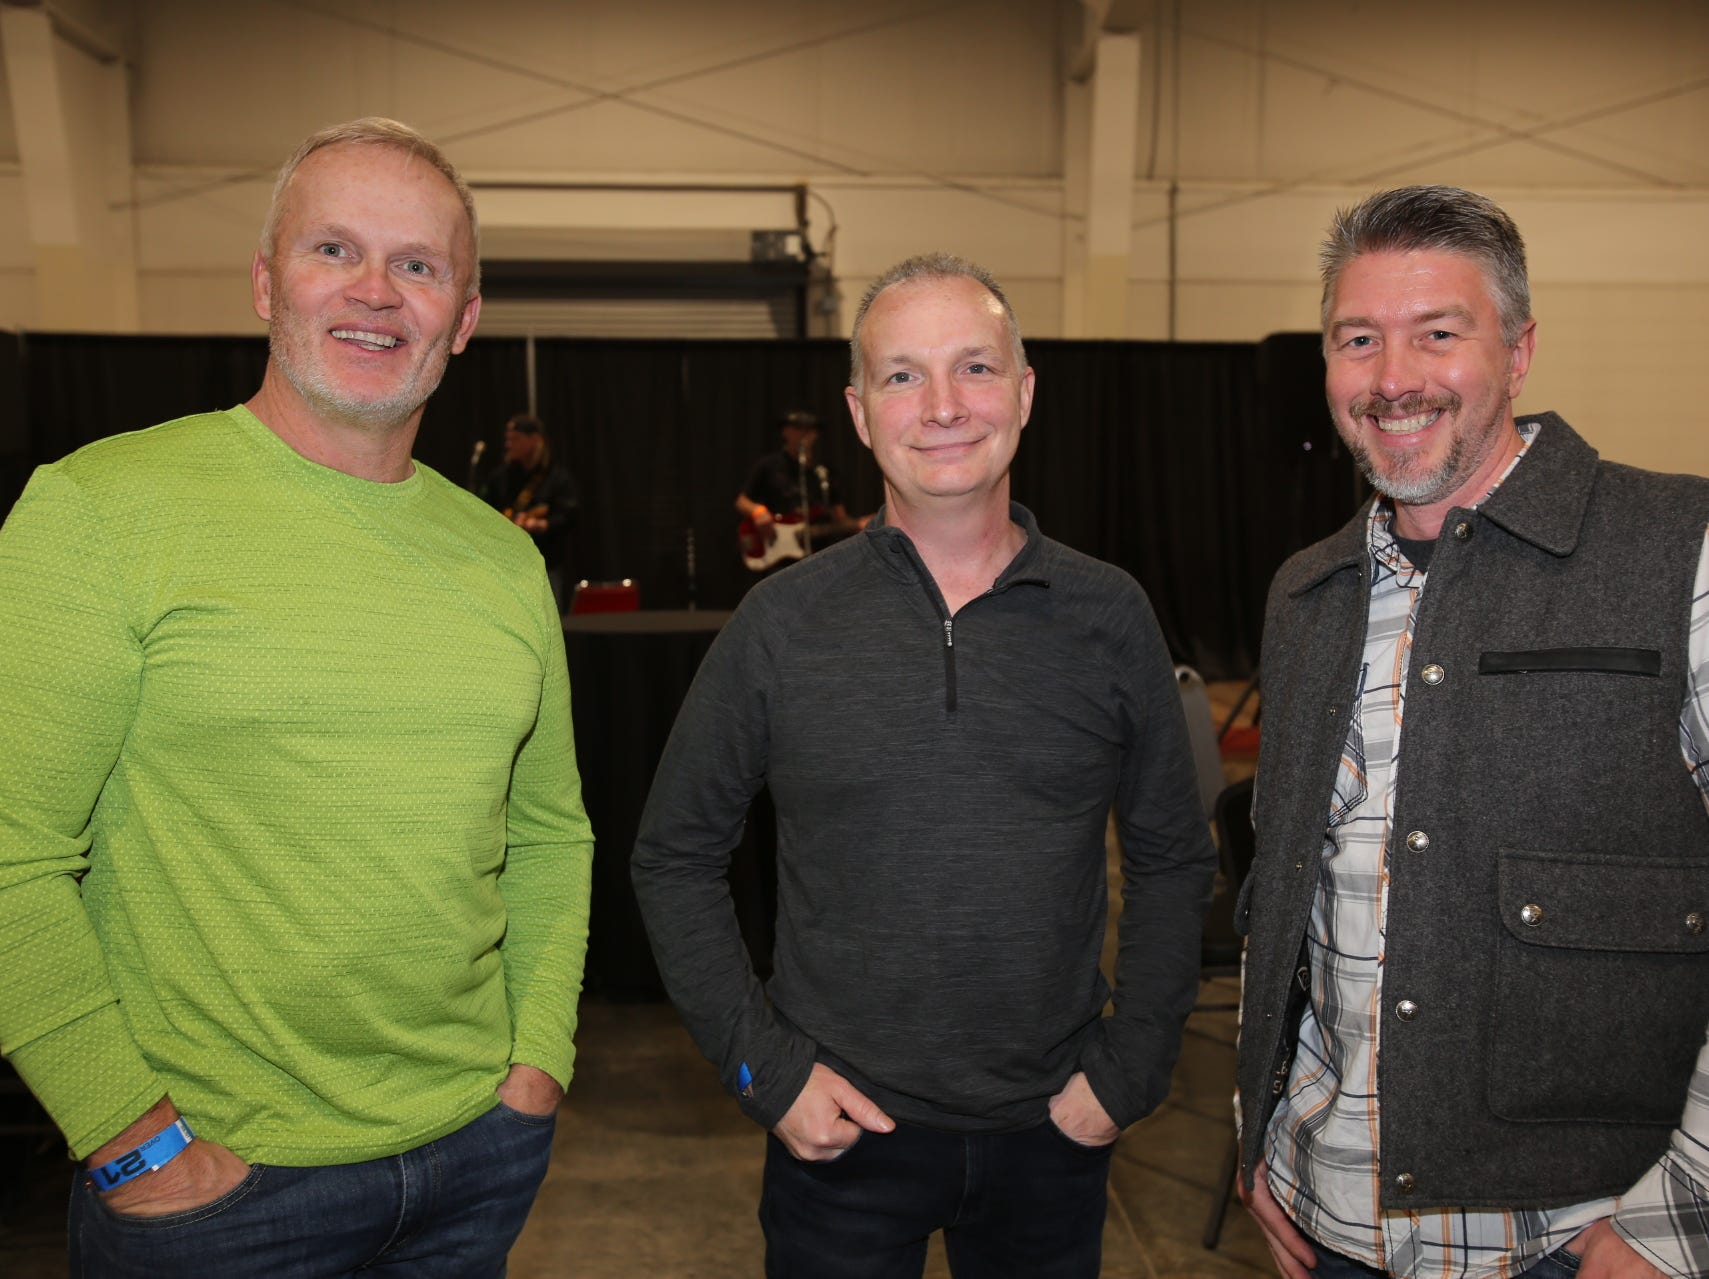 Dennis, Scott and Chet